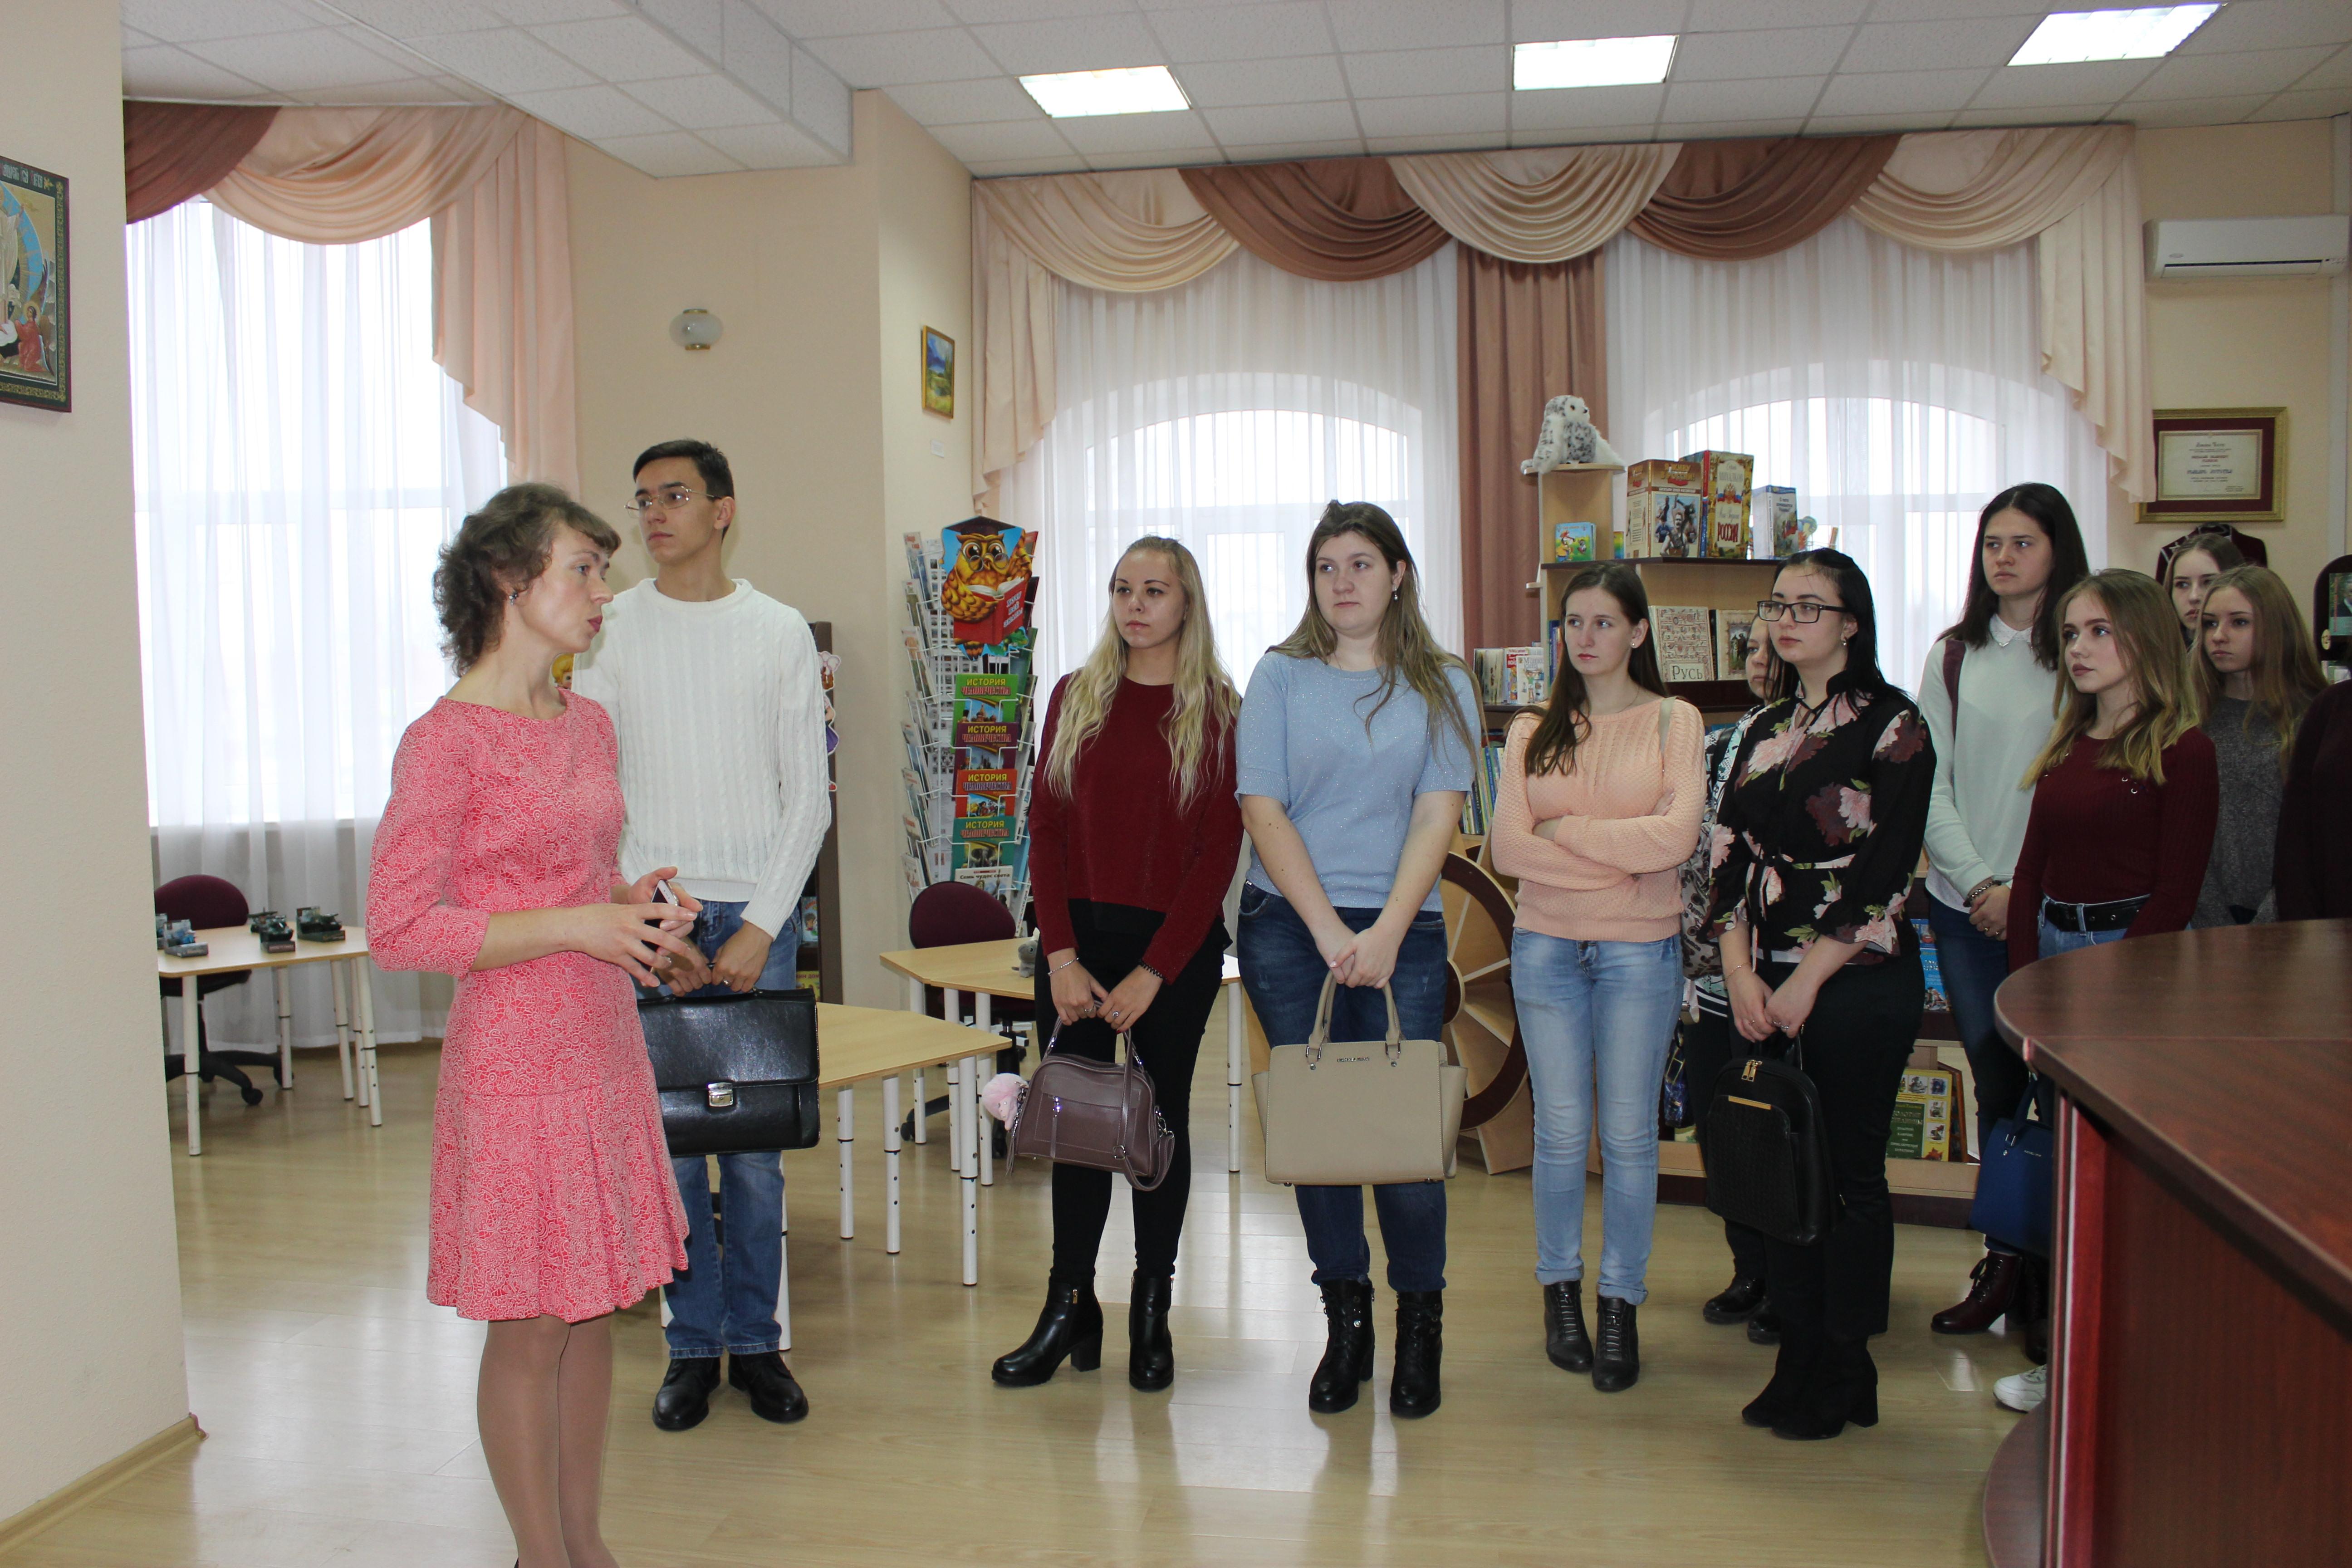 Стартовал новый проект, направленный на развитие научного потенциала студентов Белгородского государственного университета